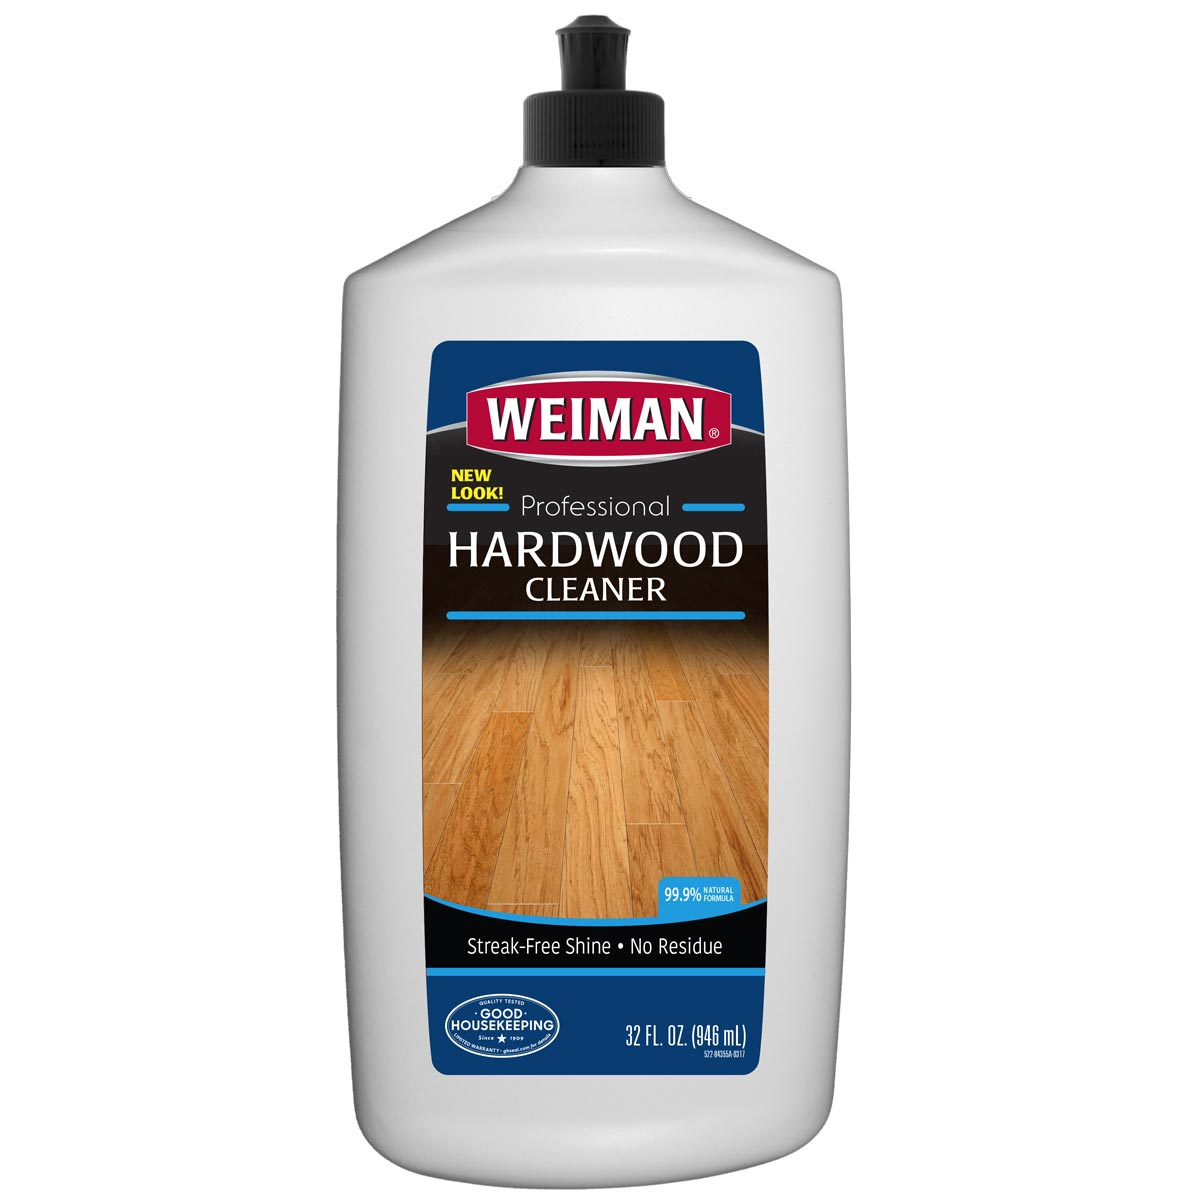 https://googone.com/media/catalog/product/w/e/weiman-hardwood-floor-cleaner_front_2.jpg